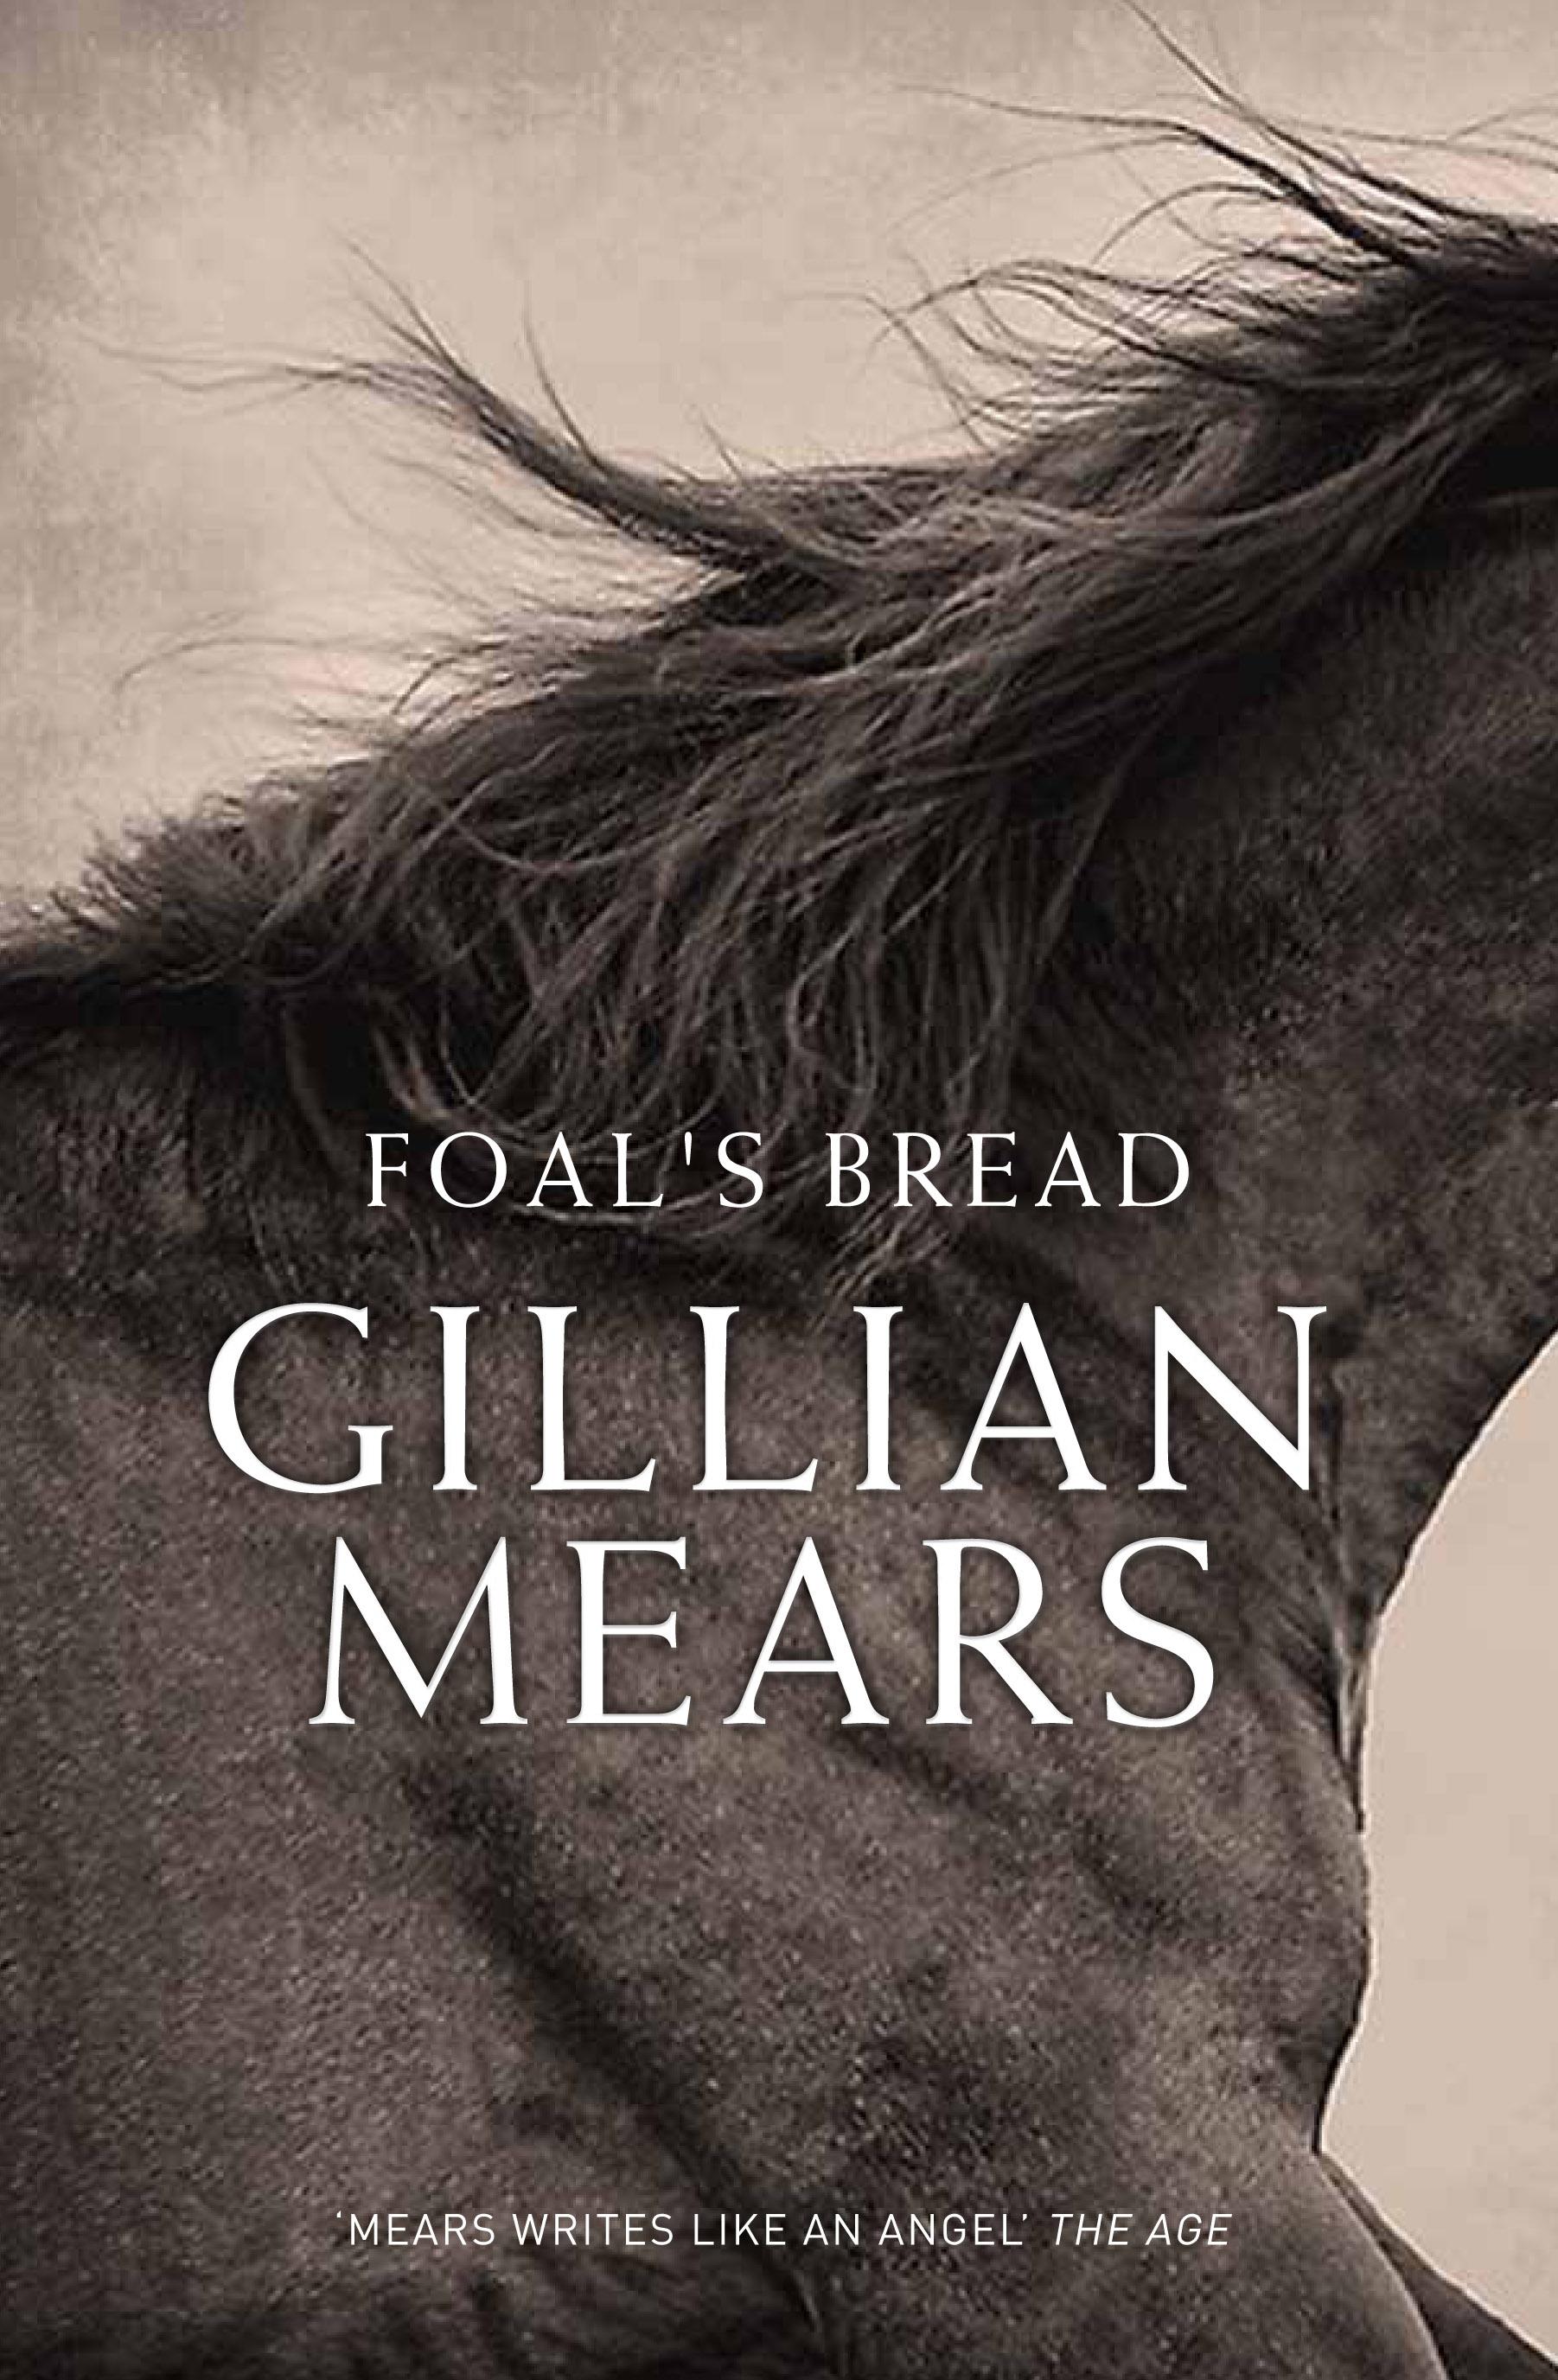 foals-bread-gillian-mears